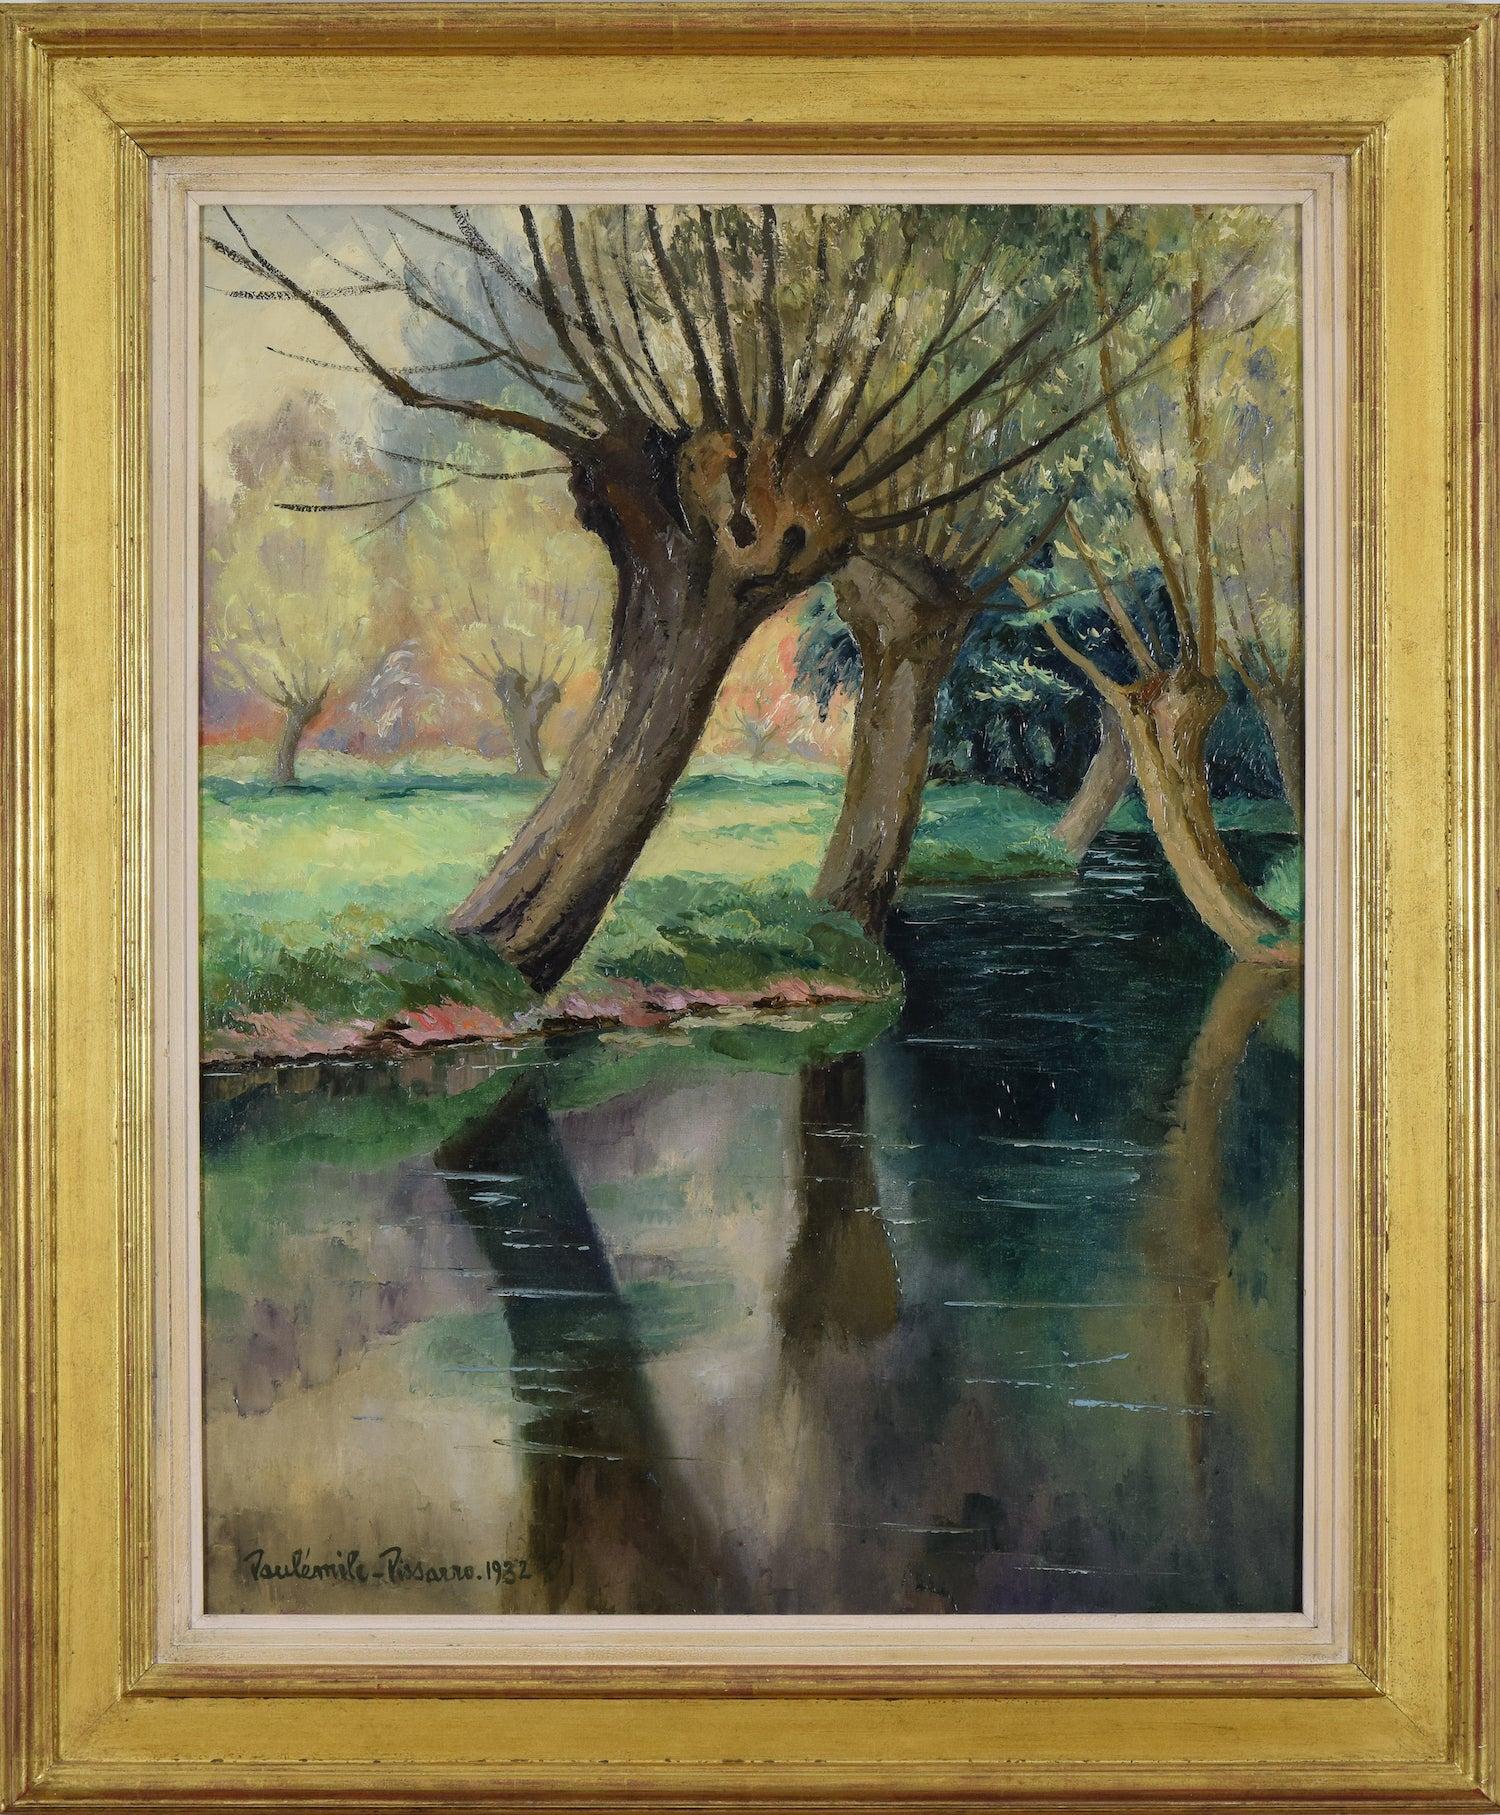 La Rivière by PAULÉMILE PISSARRO - Post Impressionist Landscape Painting, River